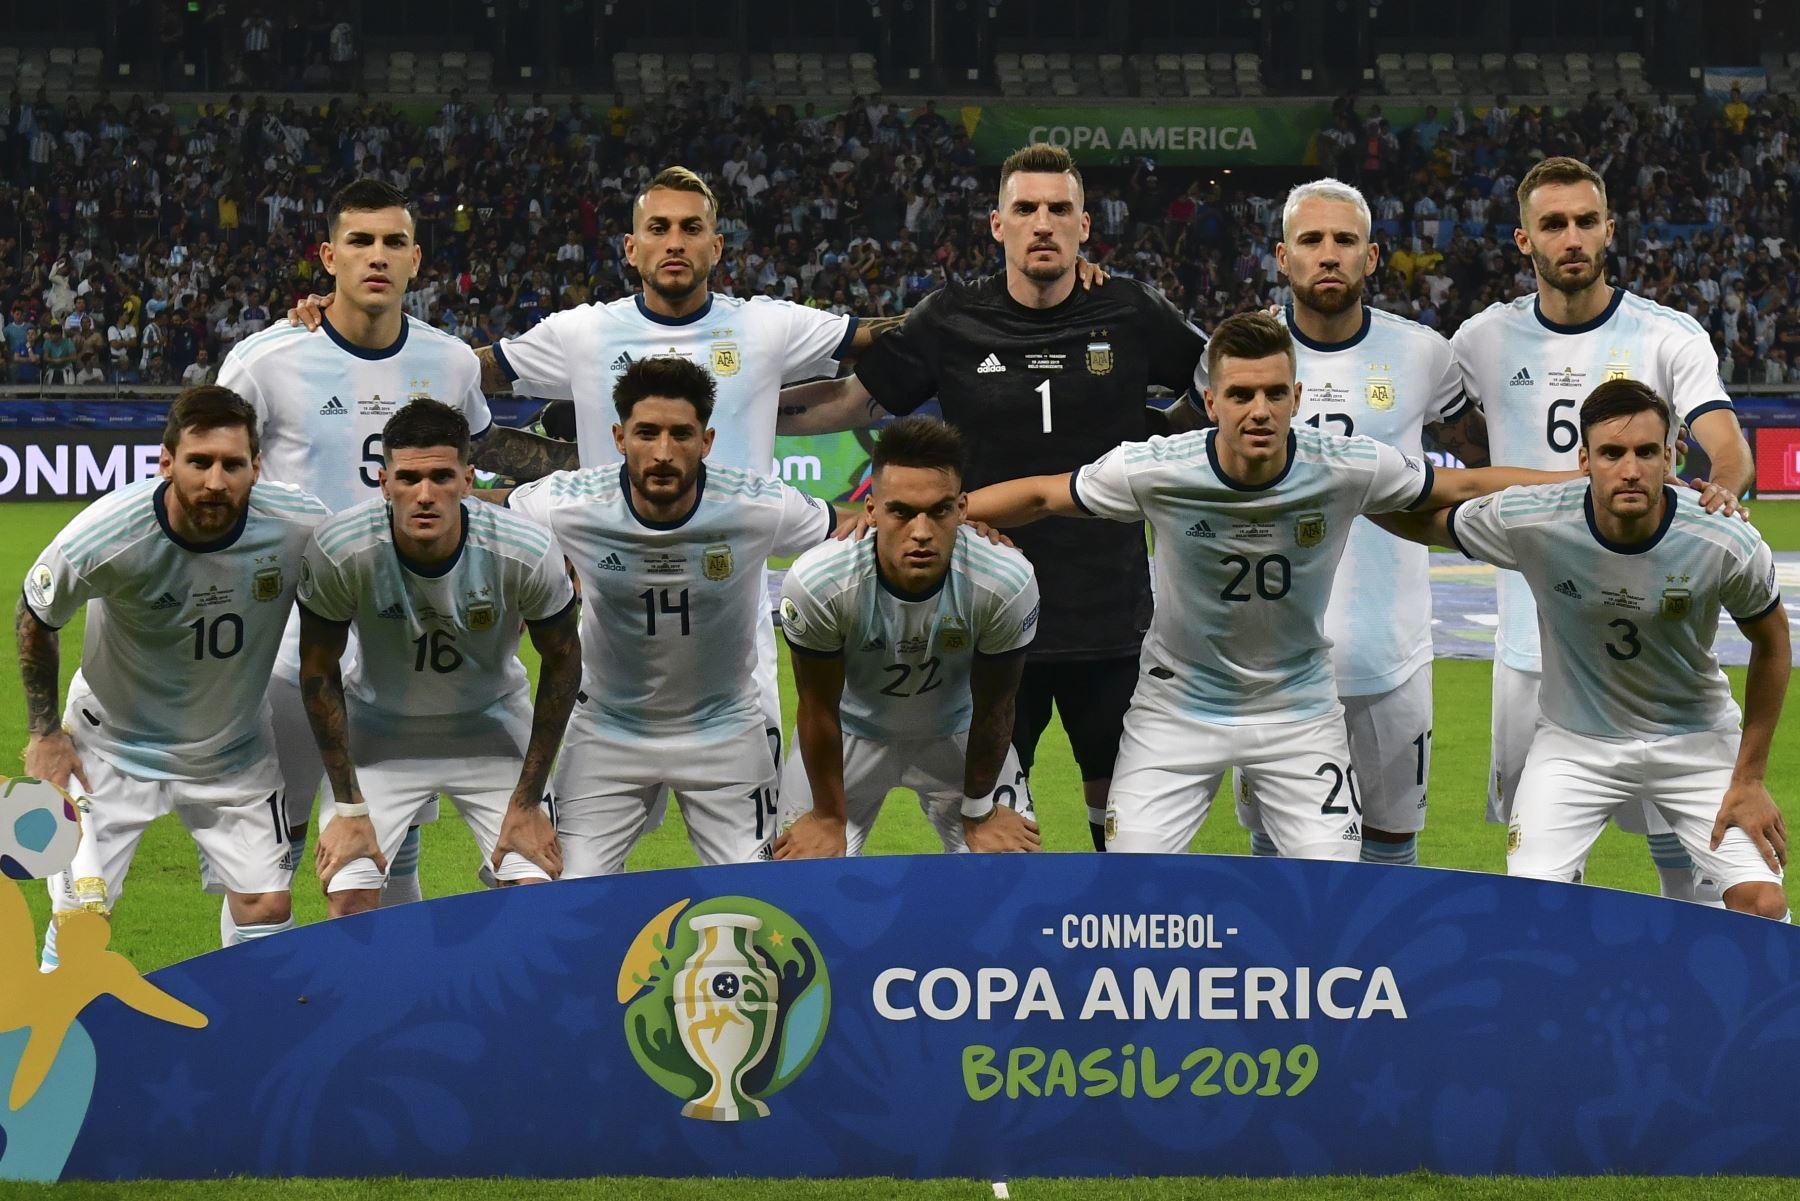 Los jugadores de Argentina posan para las fotos antes de su partido de torneo de fútbol de la Copa América contra Paraguay en el Estadio Mineirao en Belo Horizonte, Brasil. Foto: AFP